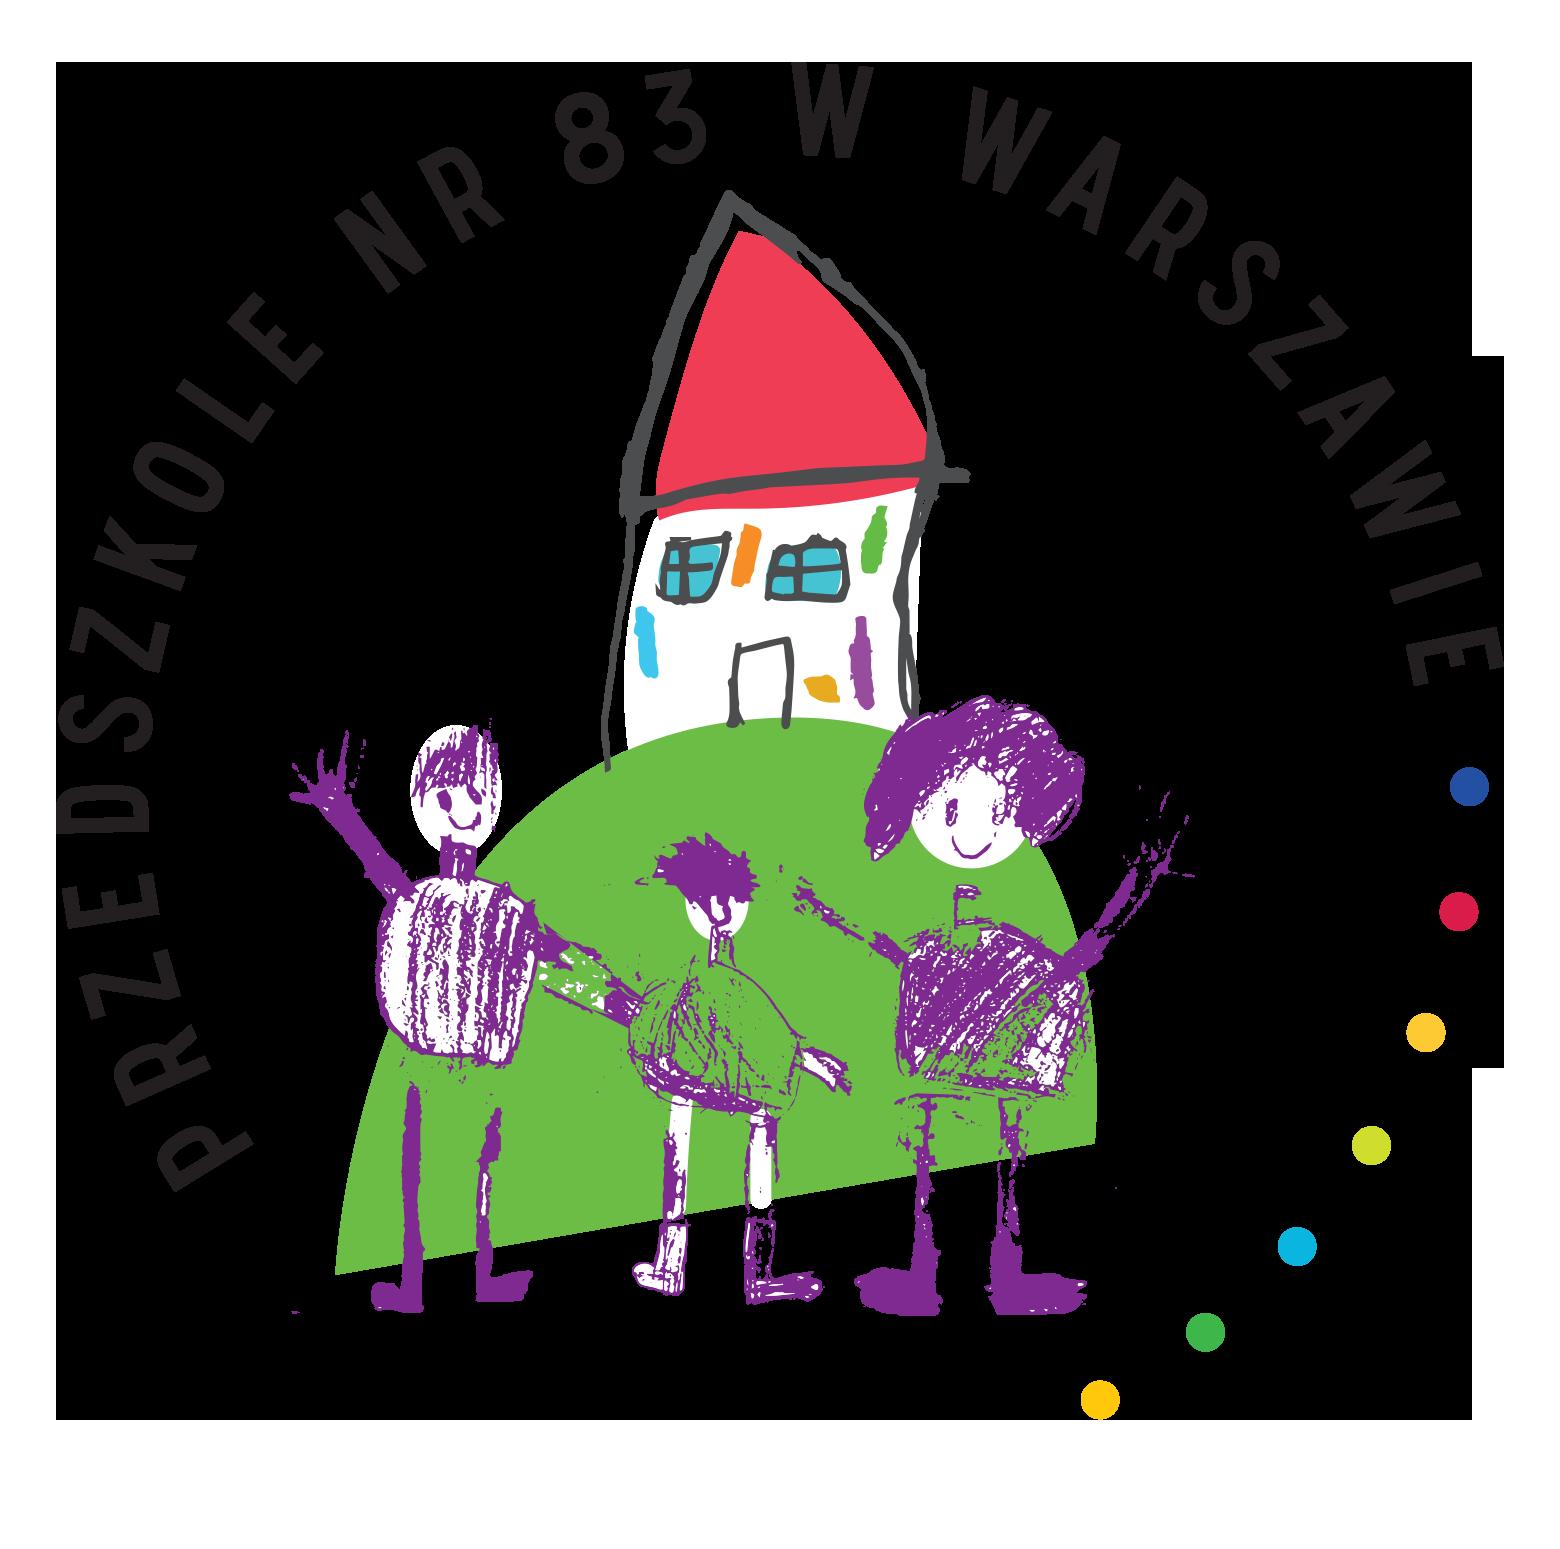 Przedszkole 83 Logo